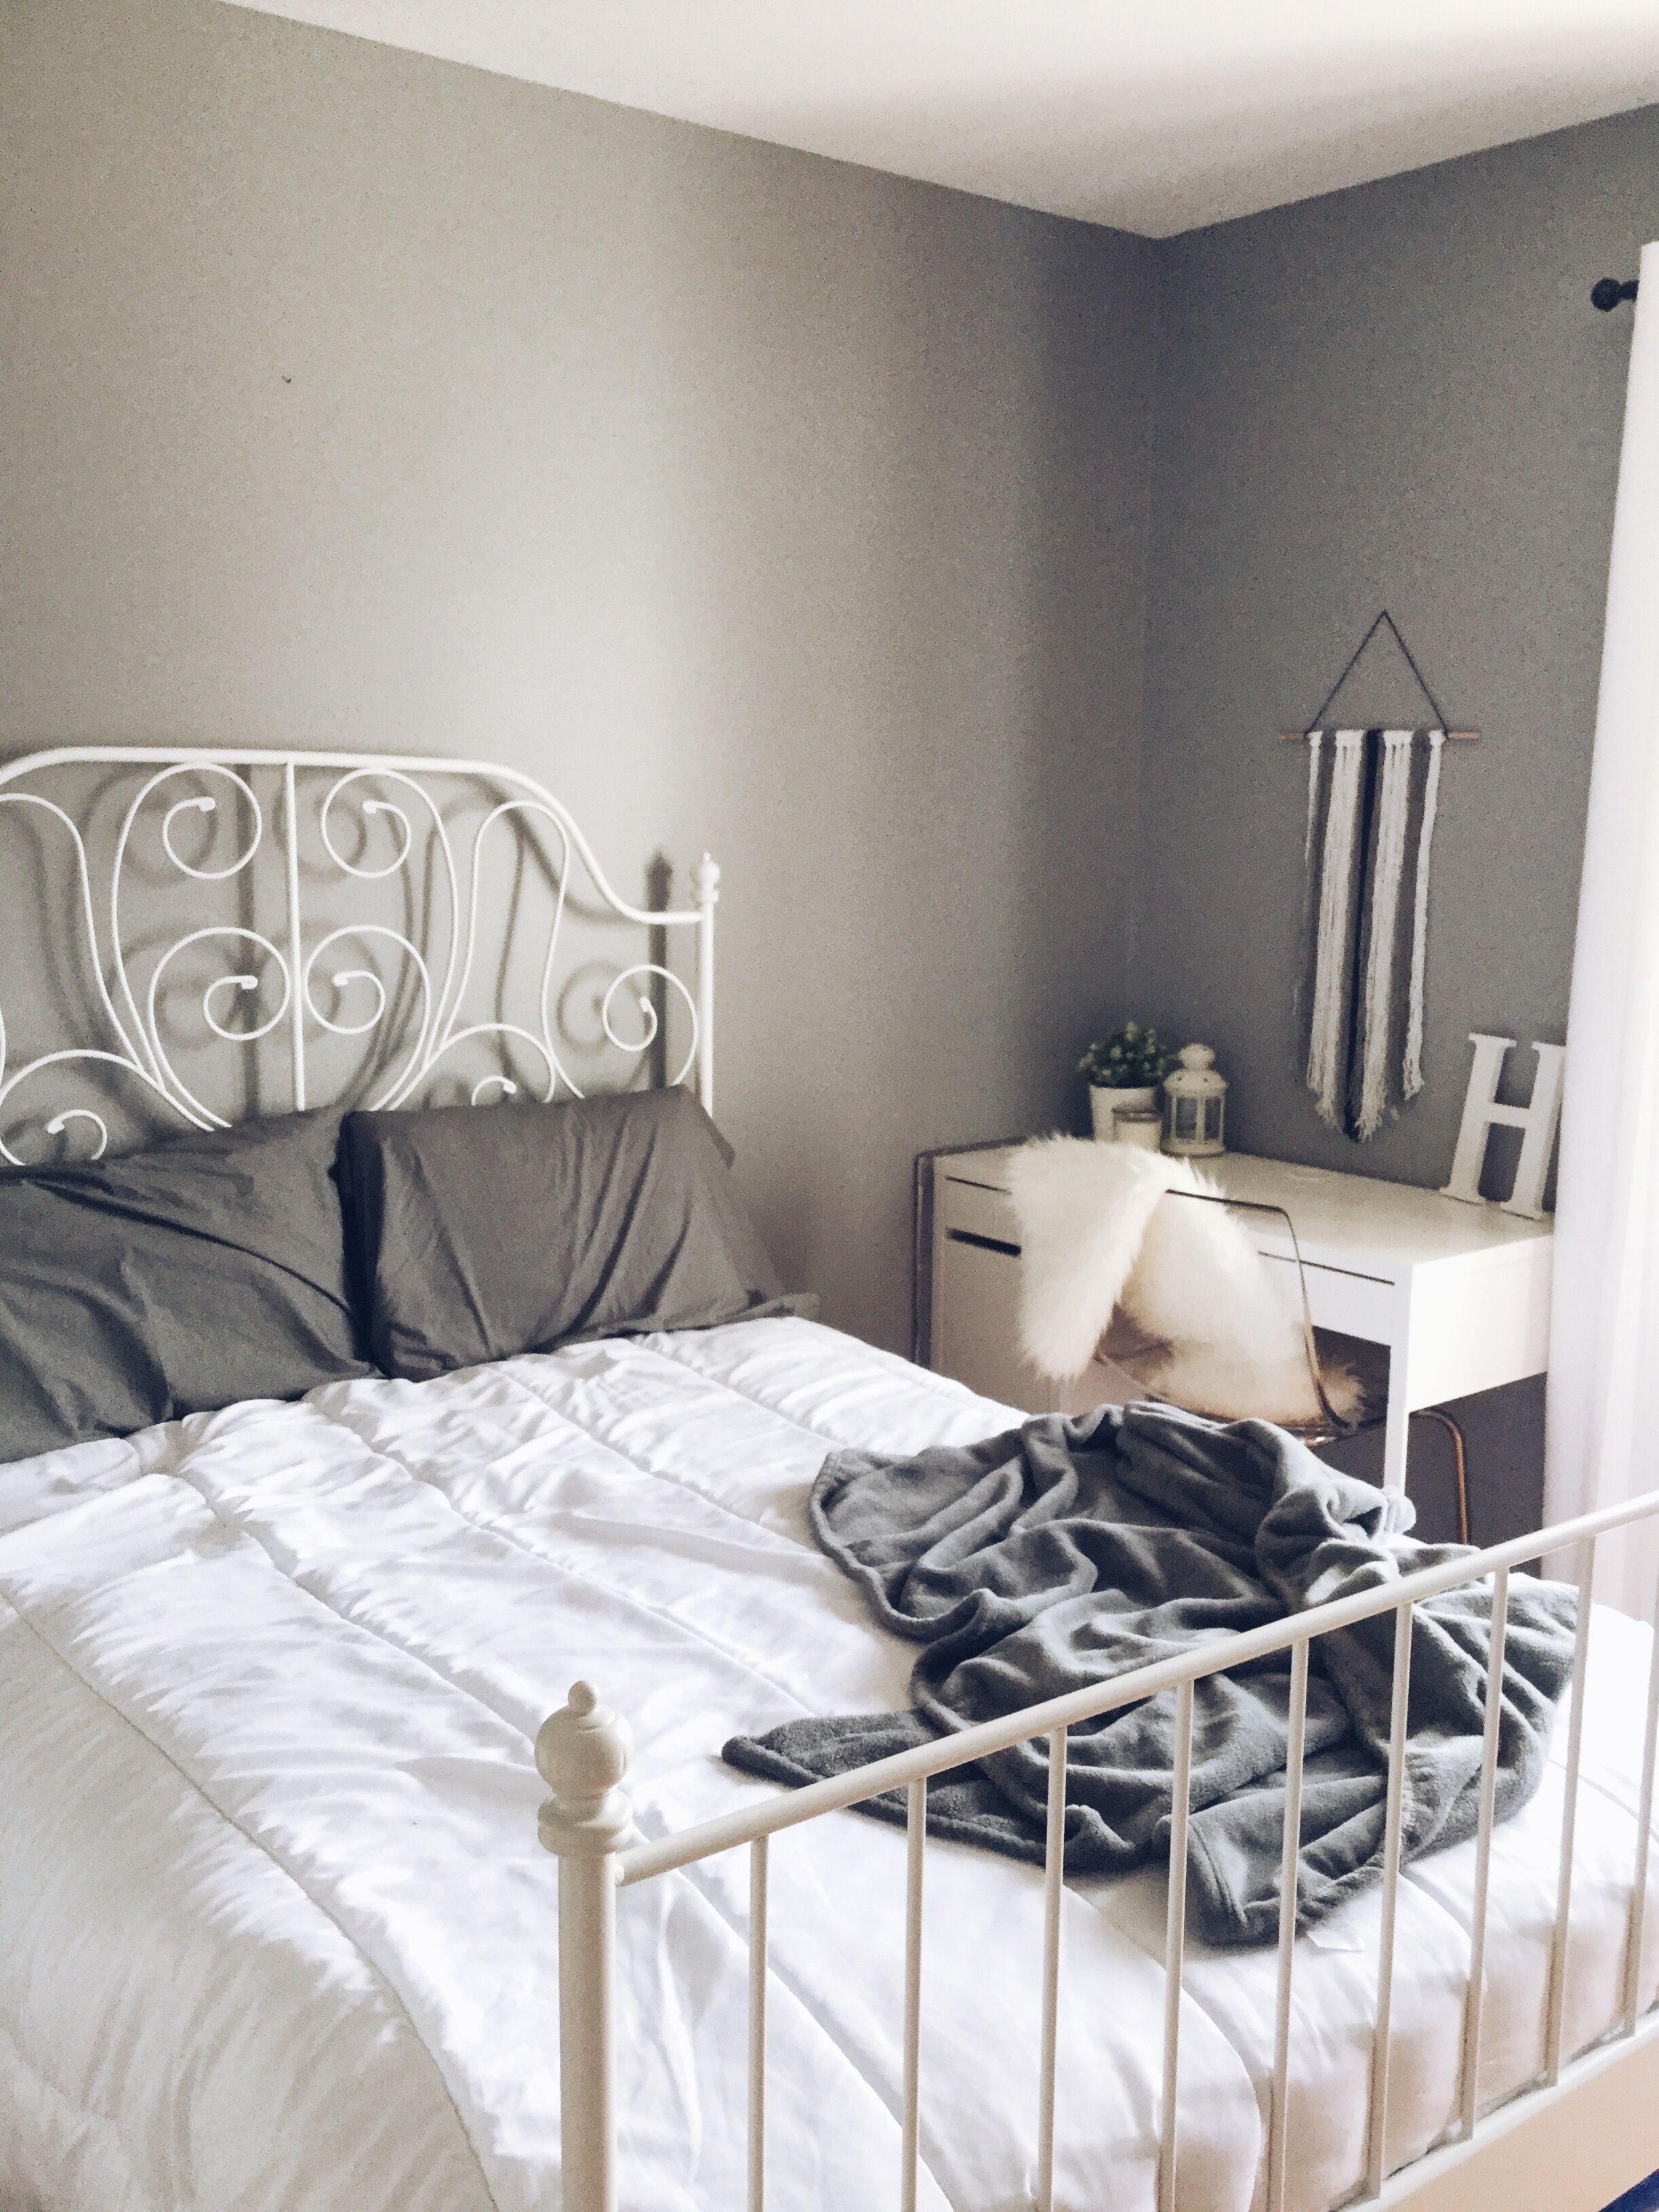 Bedroom Decor ! #decor #bedroominspirations #bedroom #teen ...